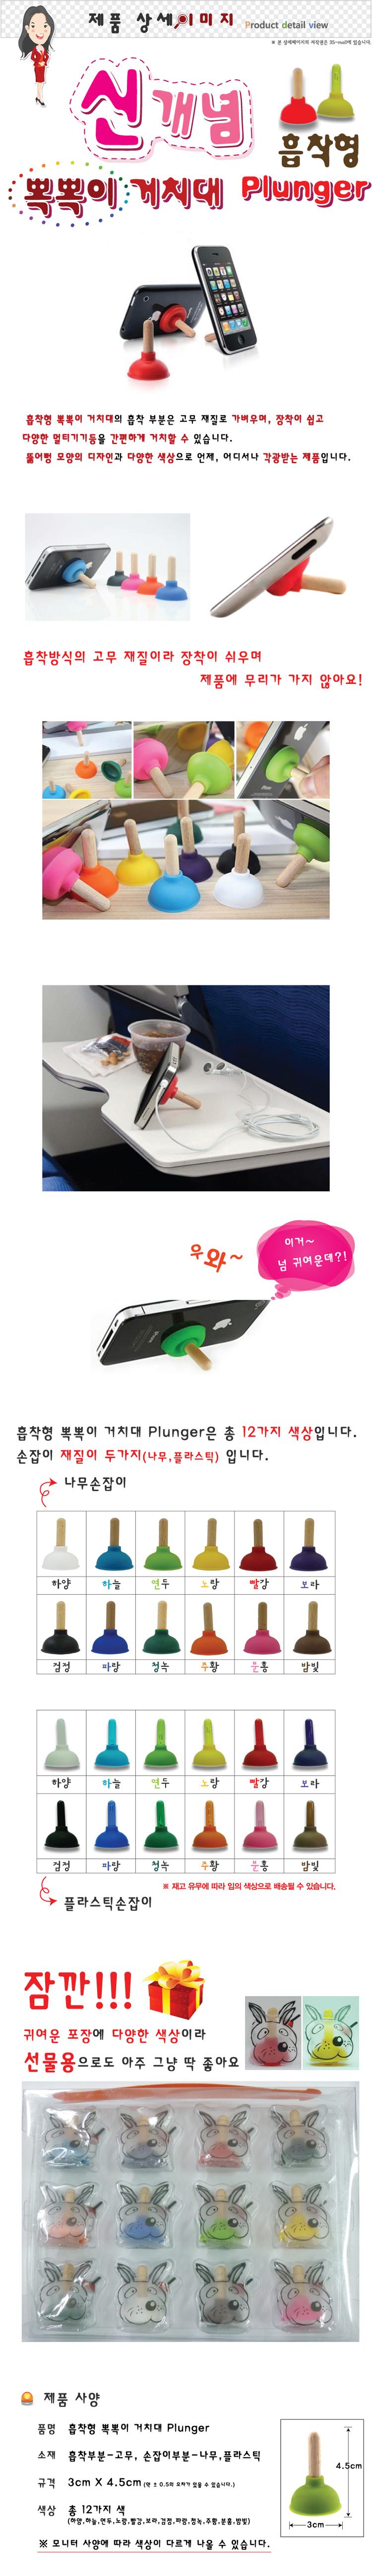 plunger_pdv(750).jpg